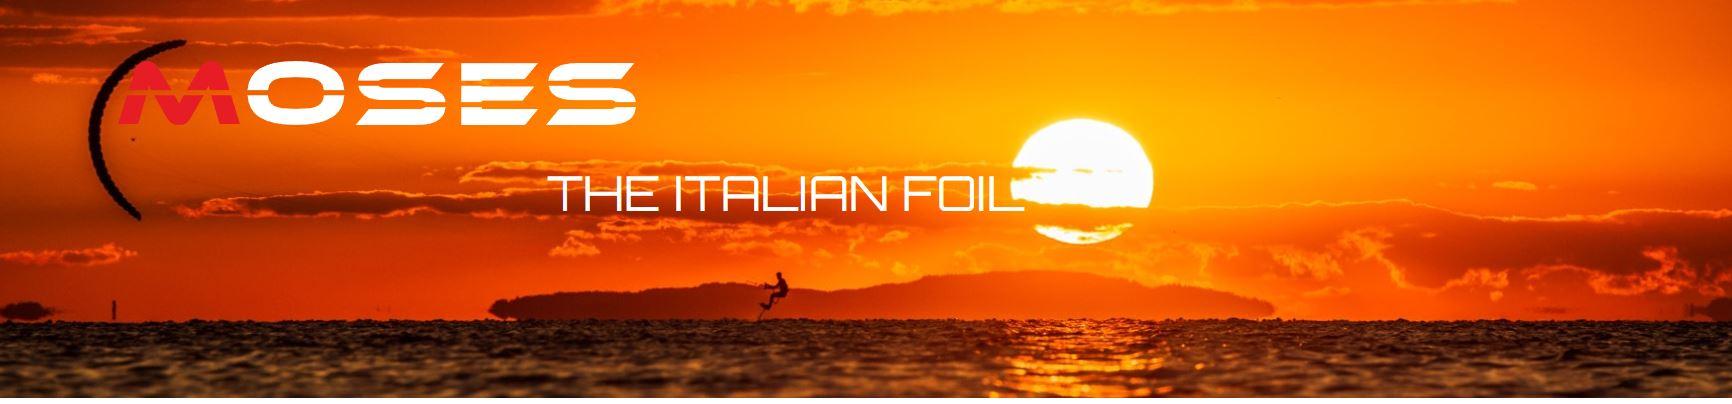 Moses Foil header image